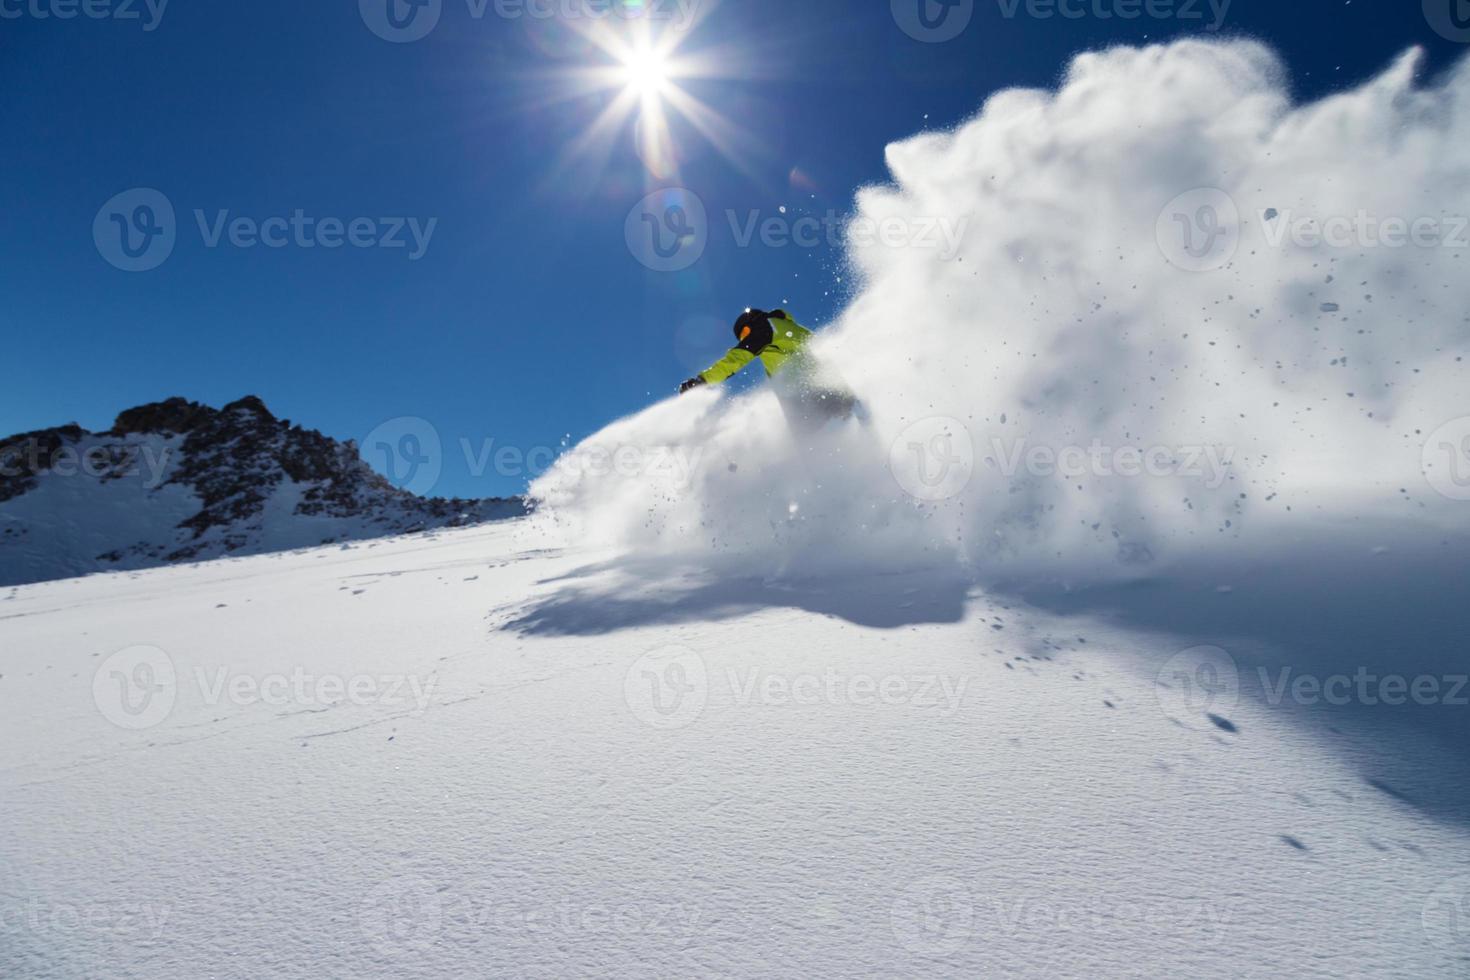 esquiador alpino na pista, esqui ladeira abaixo foto